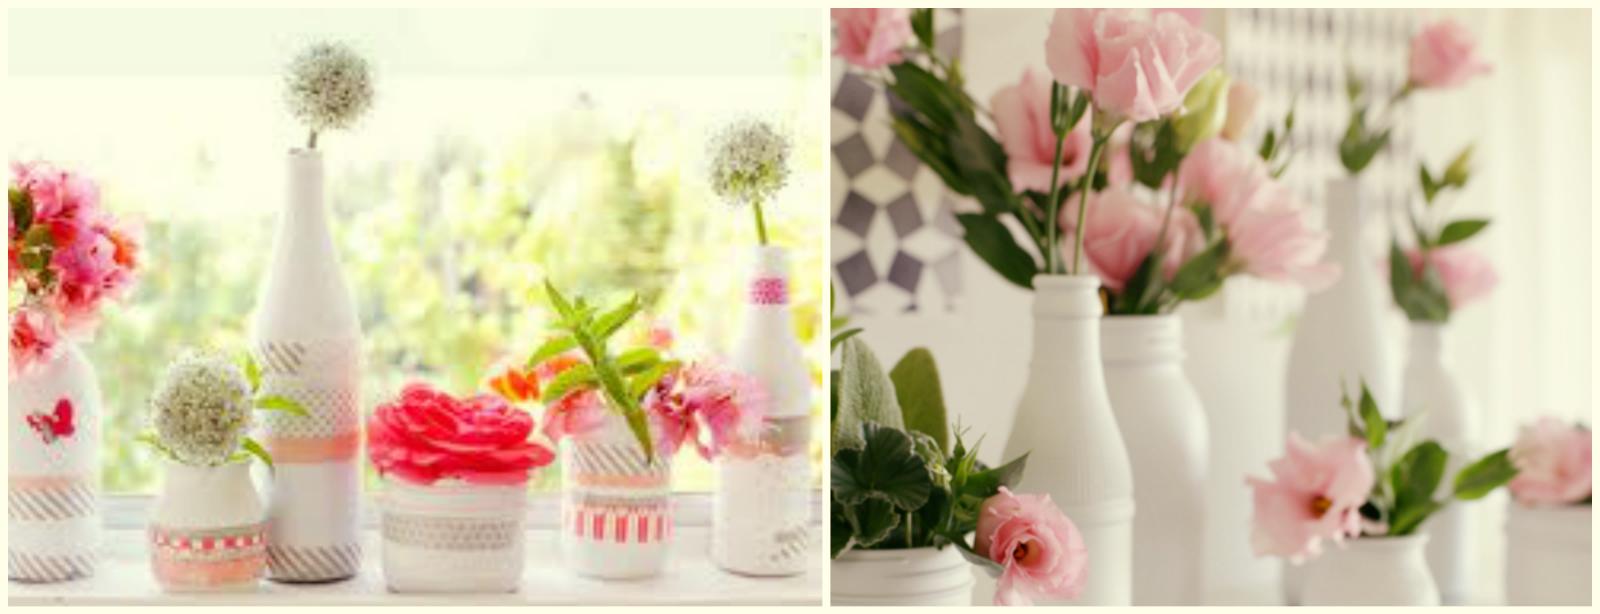 decoracao casamento garrafas de vidro:decoração de chás de panela, aniversários, e até casamentos de